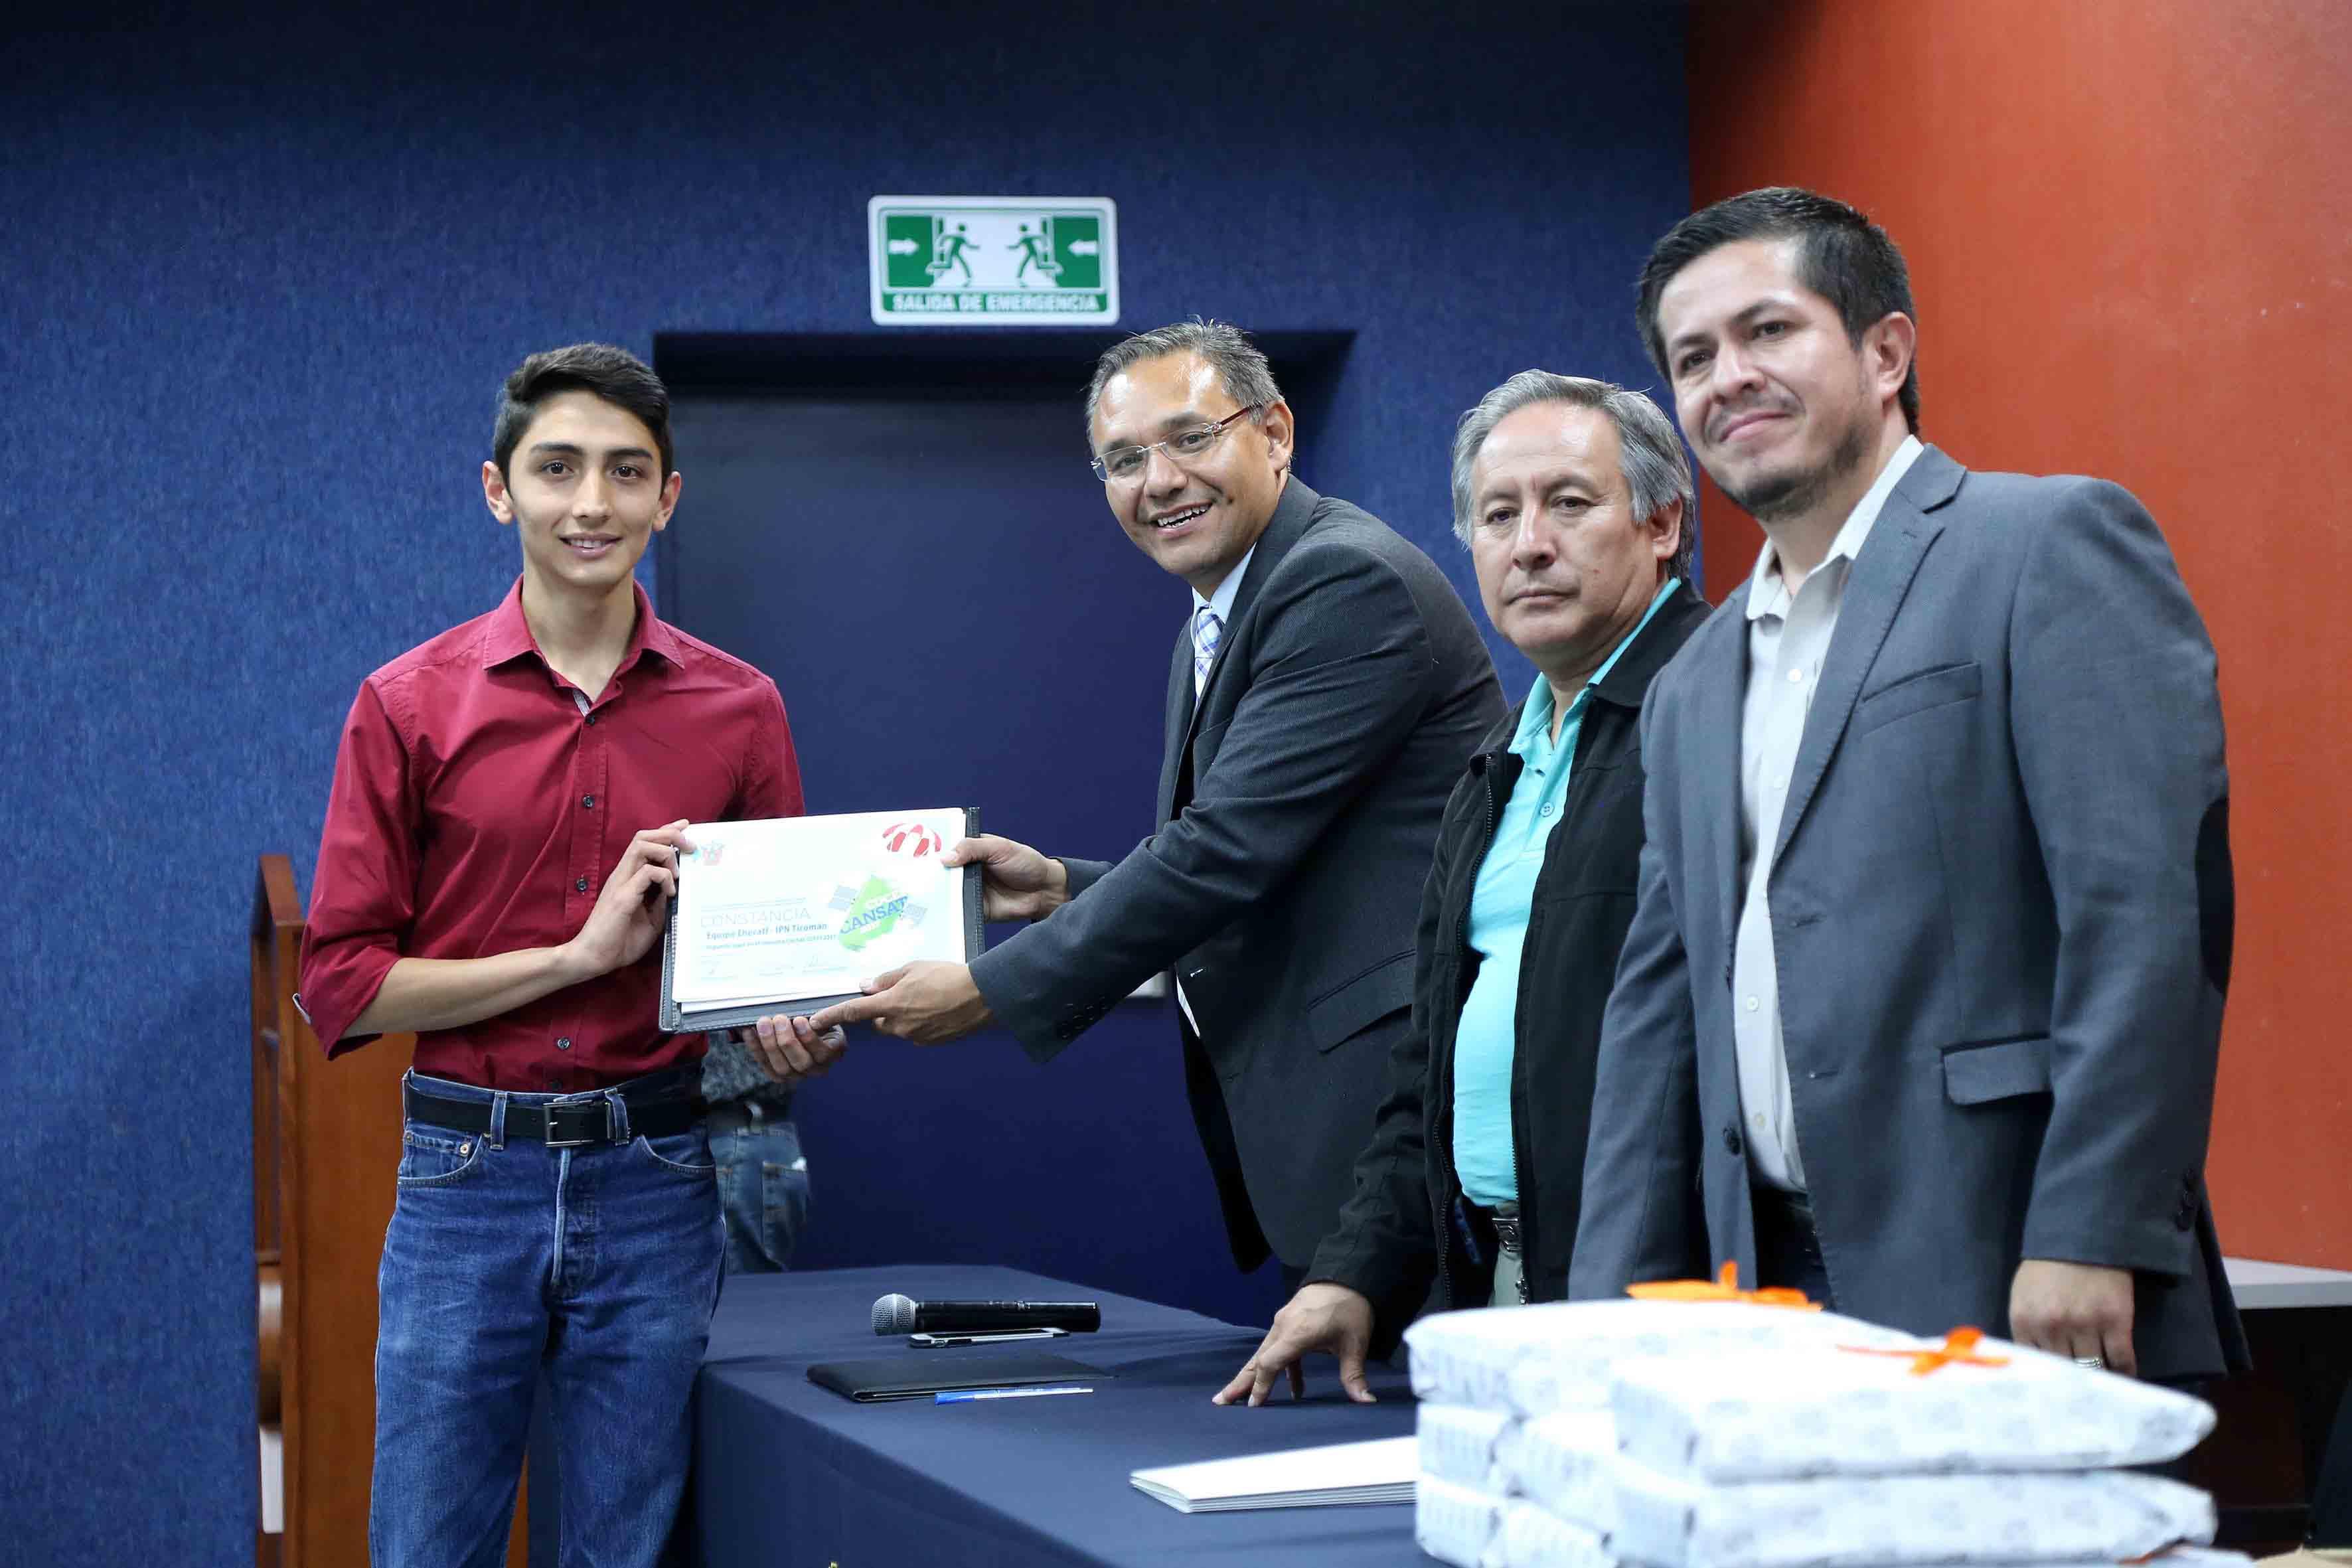 Estudiantes recibiendo constancia del concurso CUCEI CanSat